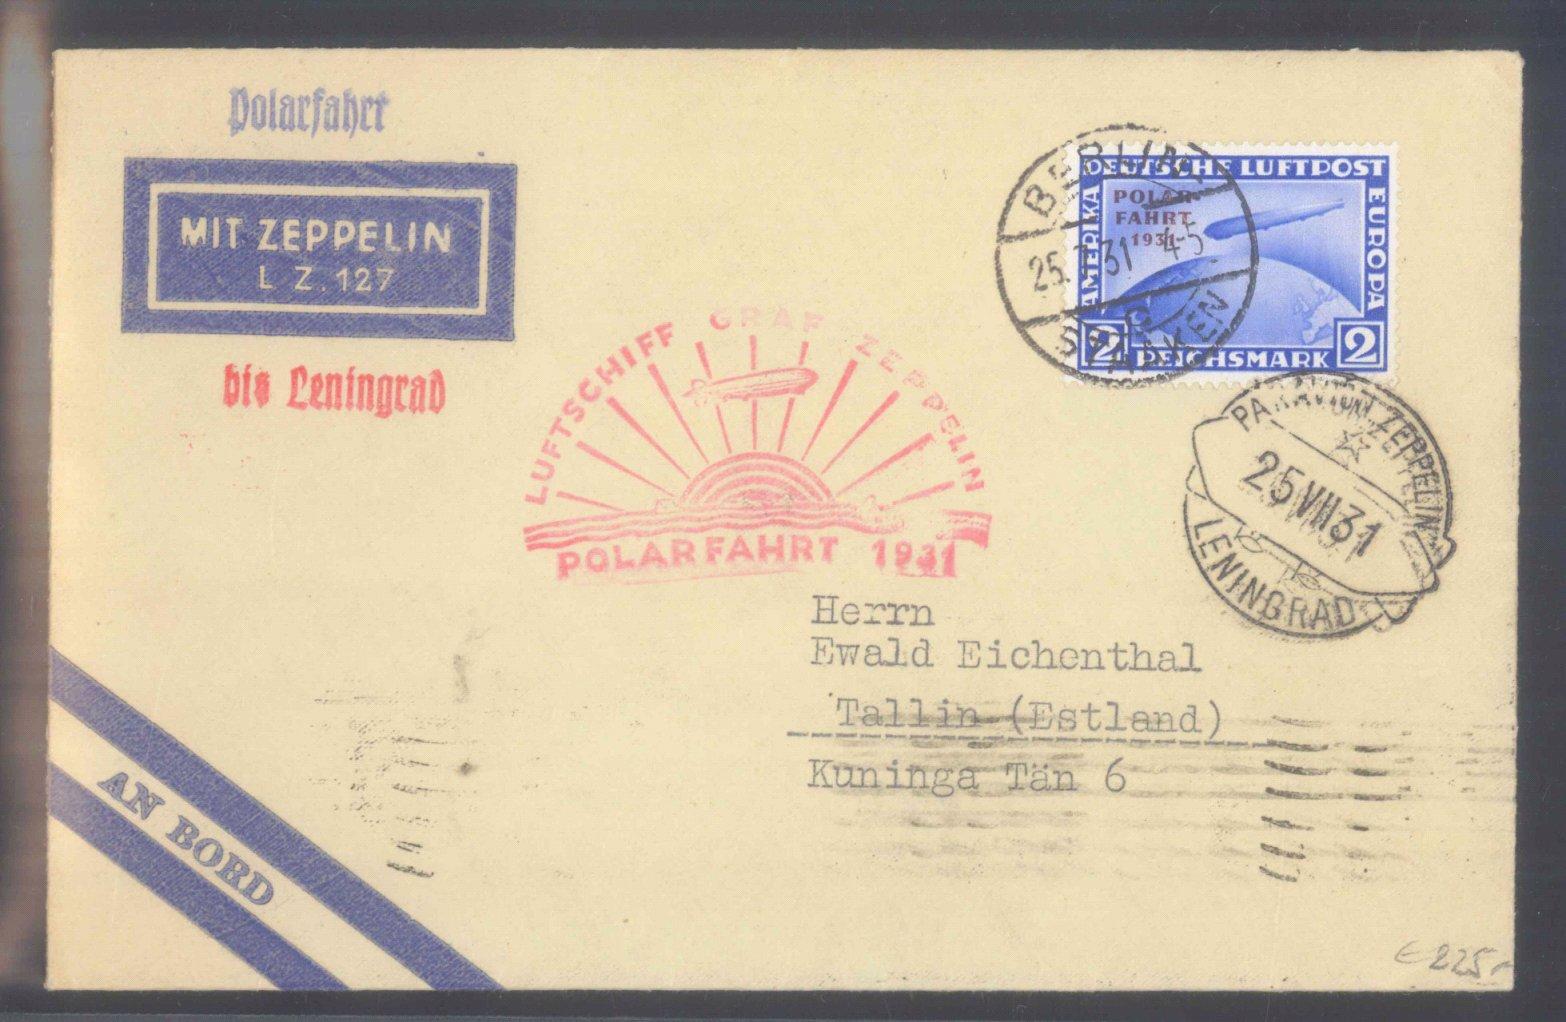 DEUTSCHES REICH 1931, ZWEI MARRK ZEPPELIN POLAR-FAHRT